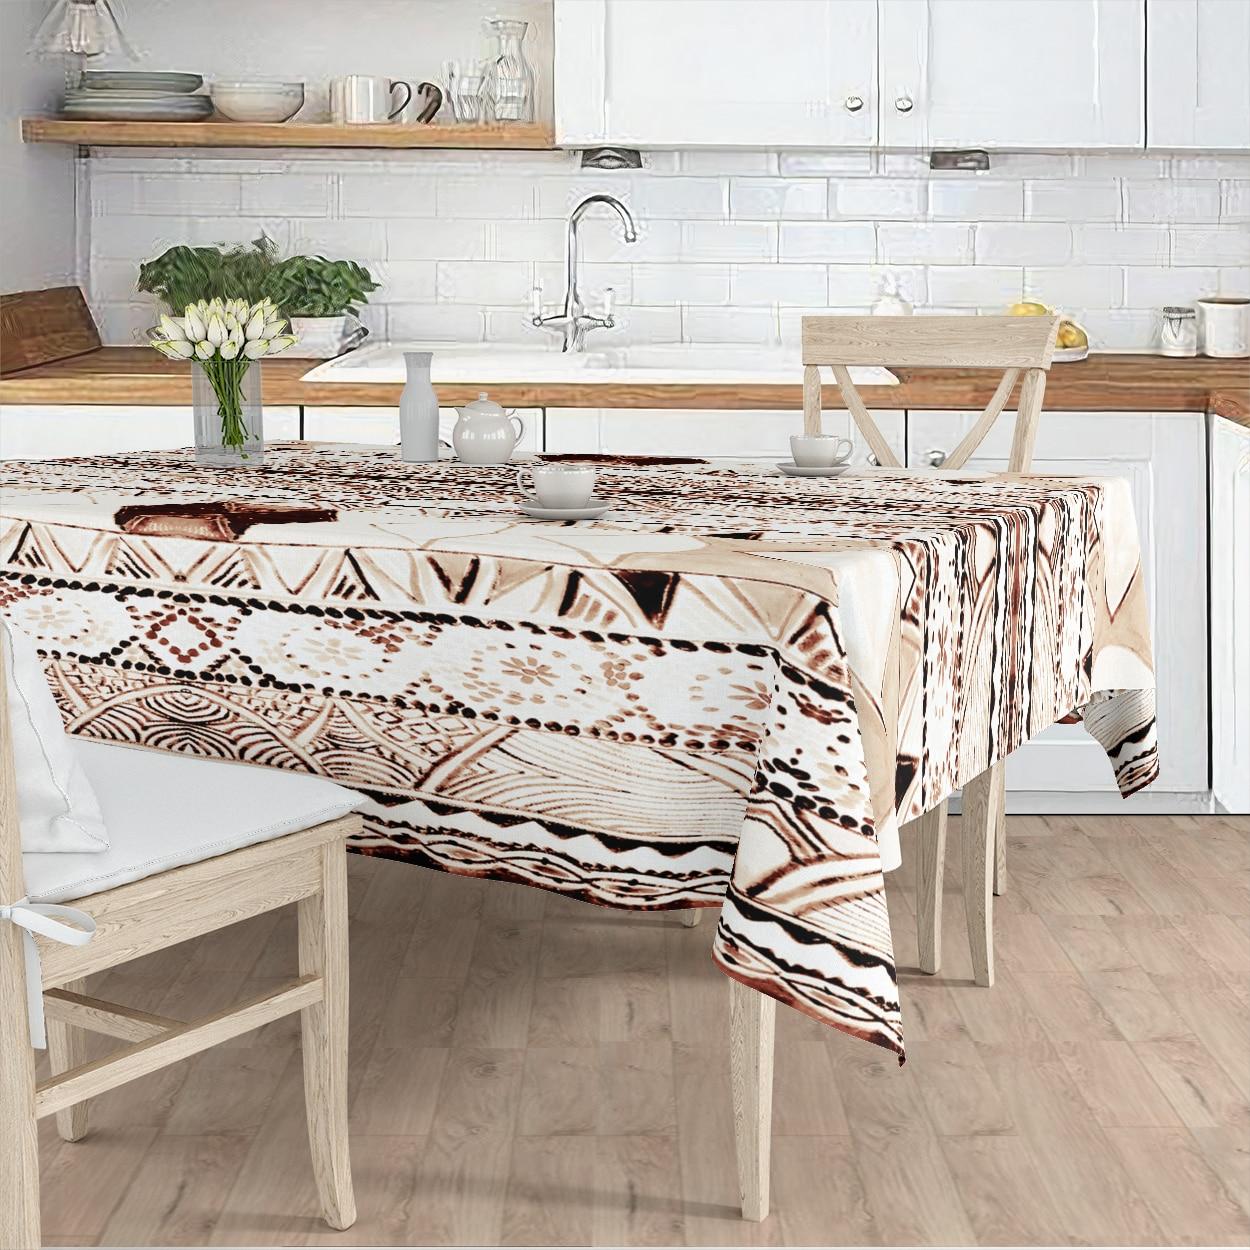 مفرش المائدة غرفة المعيشة المطبخ أبيض اللون العرقية منقوشة مايكرو غطاء من القماش عداء نمط شحن مجاني